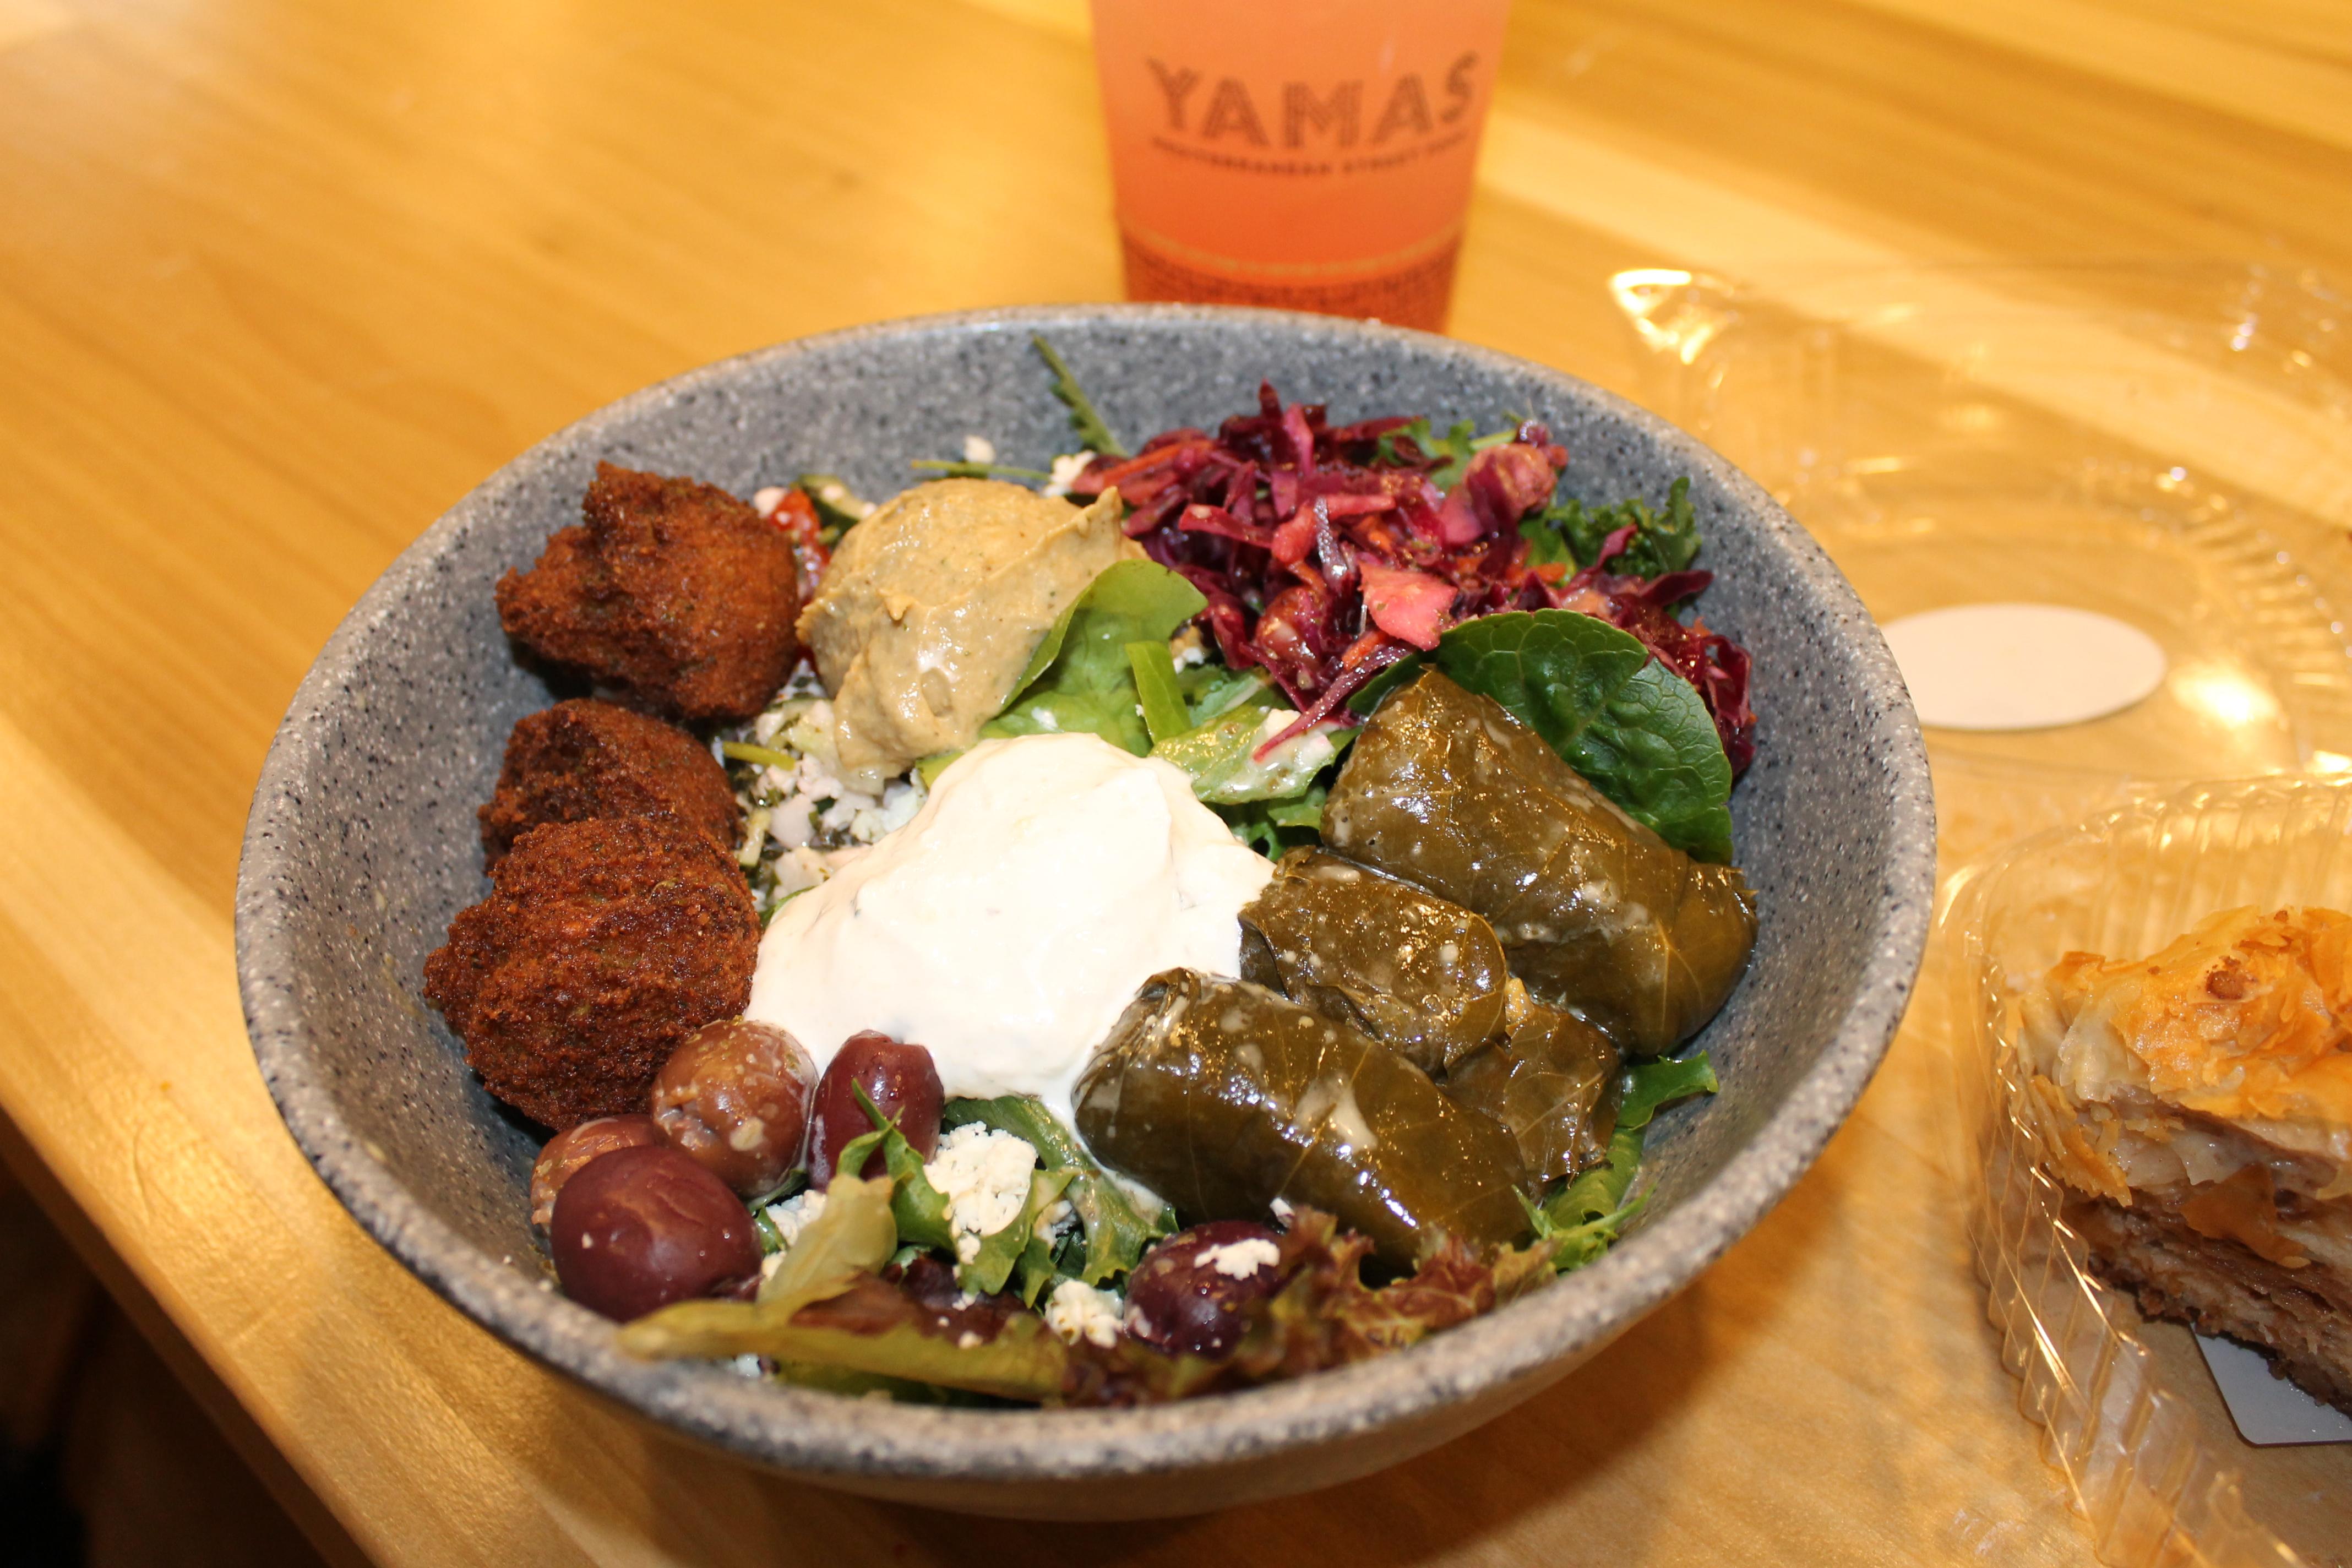 Vegetarian lentil bowl with falafel